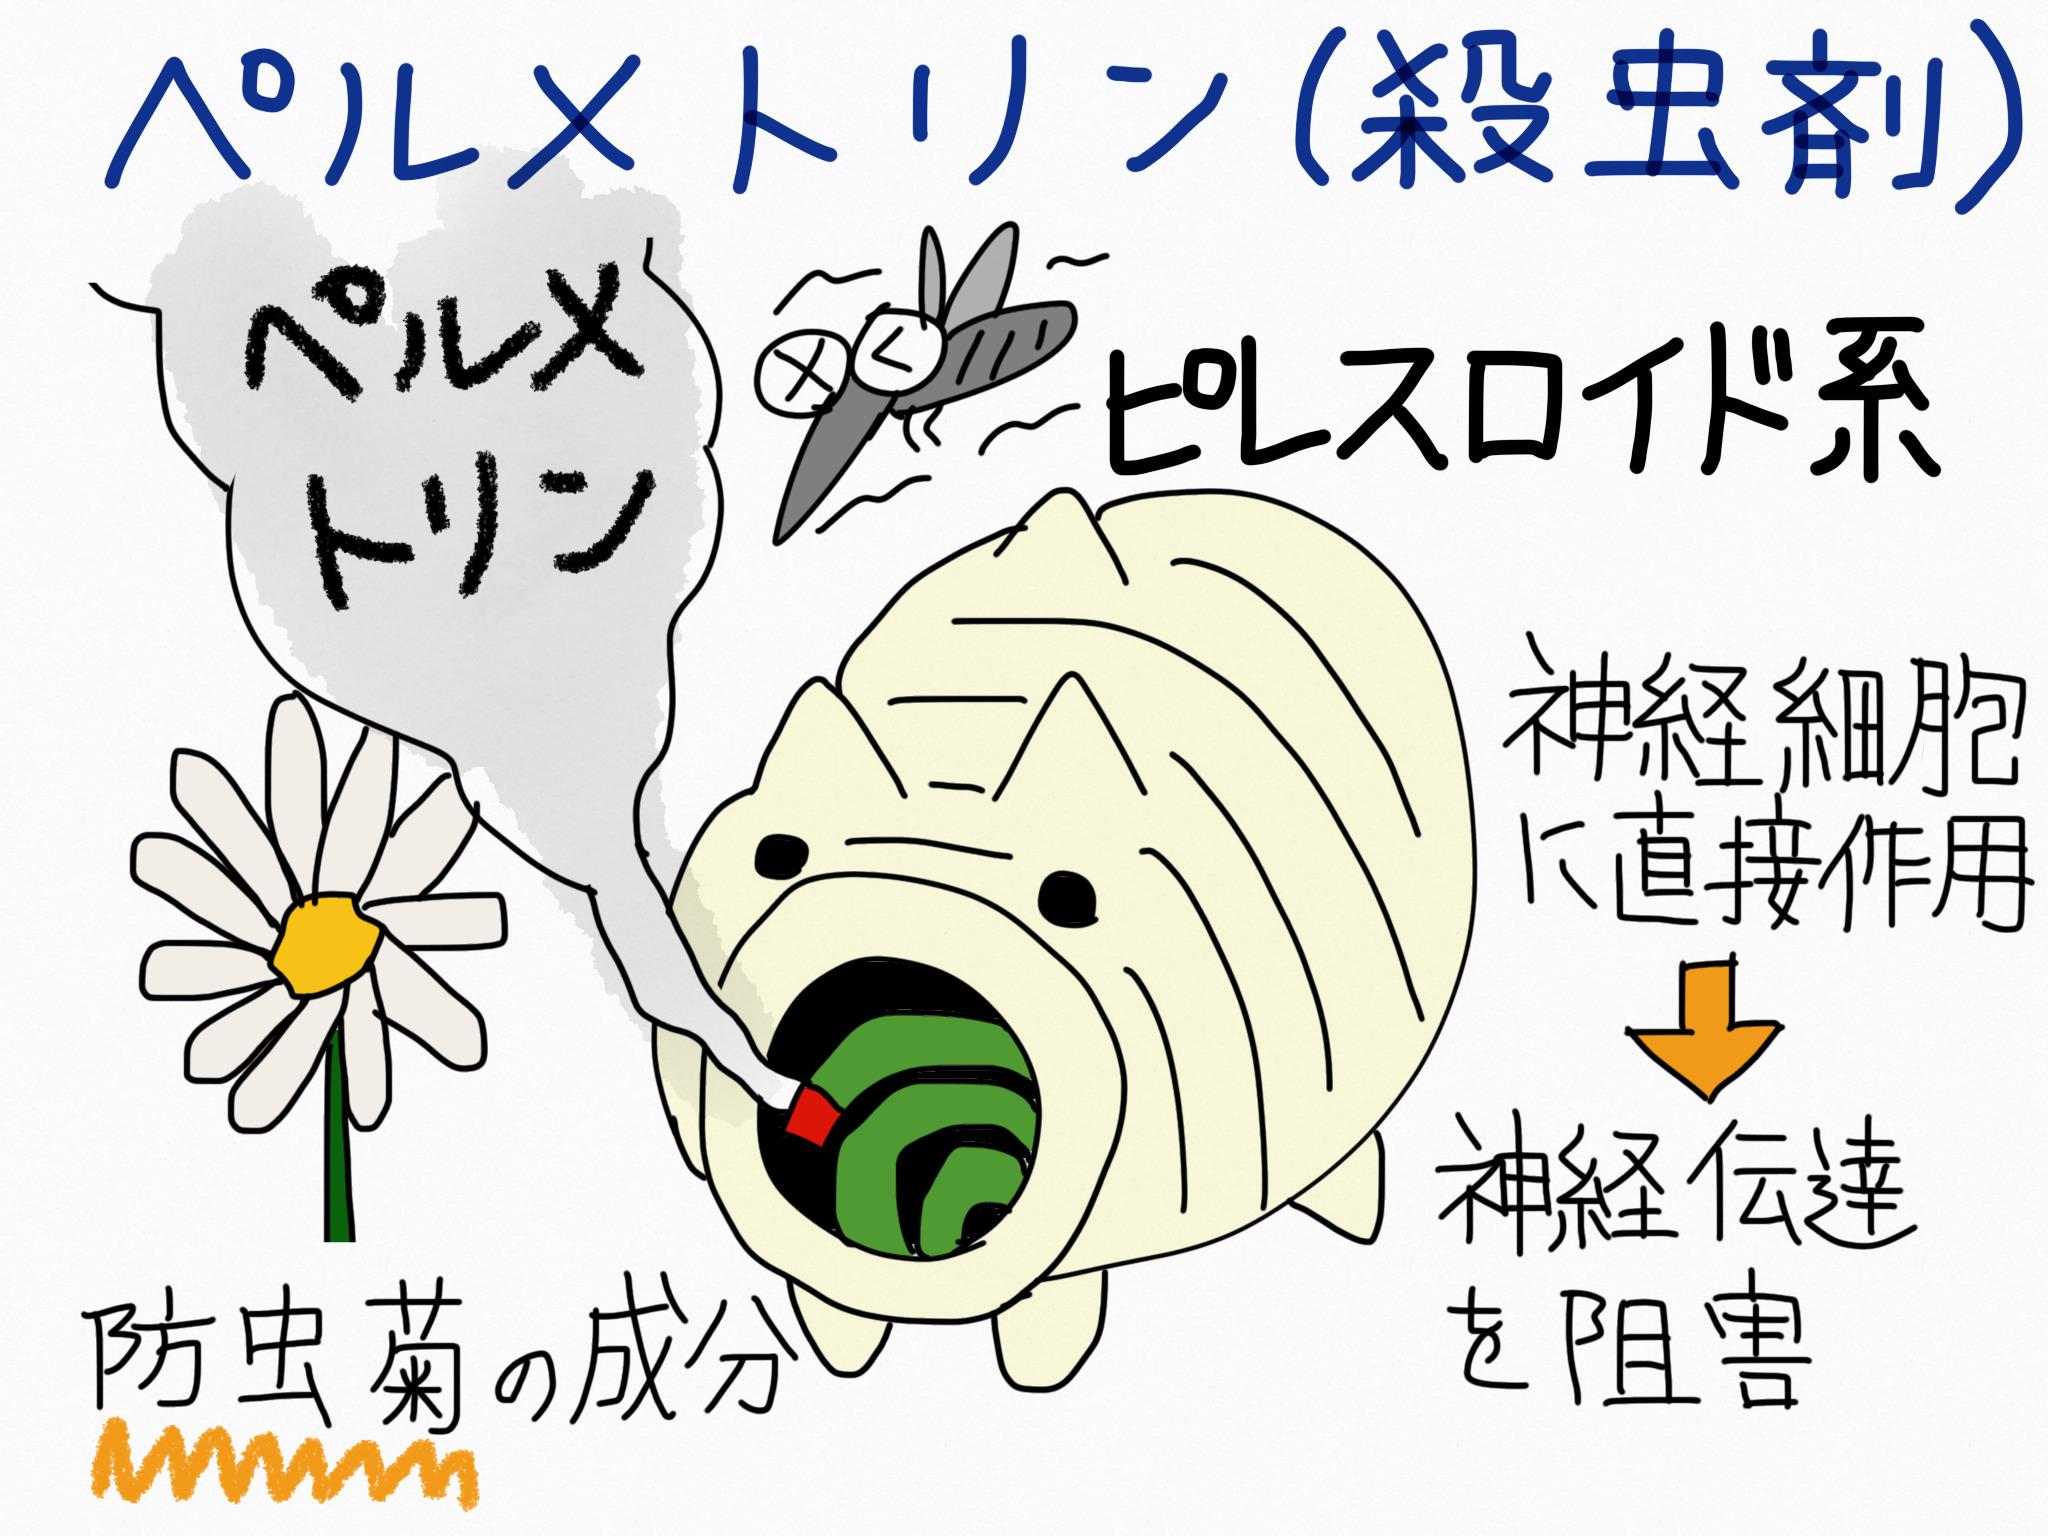 ペルメトリン・殺虫剤の成分の覚え方